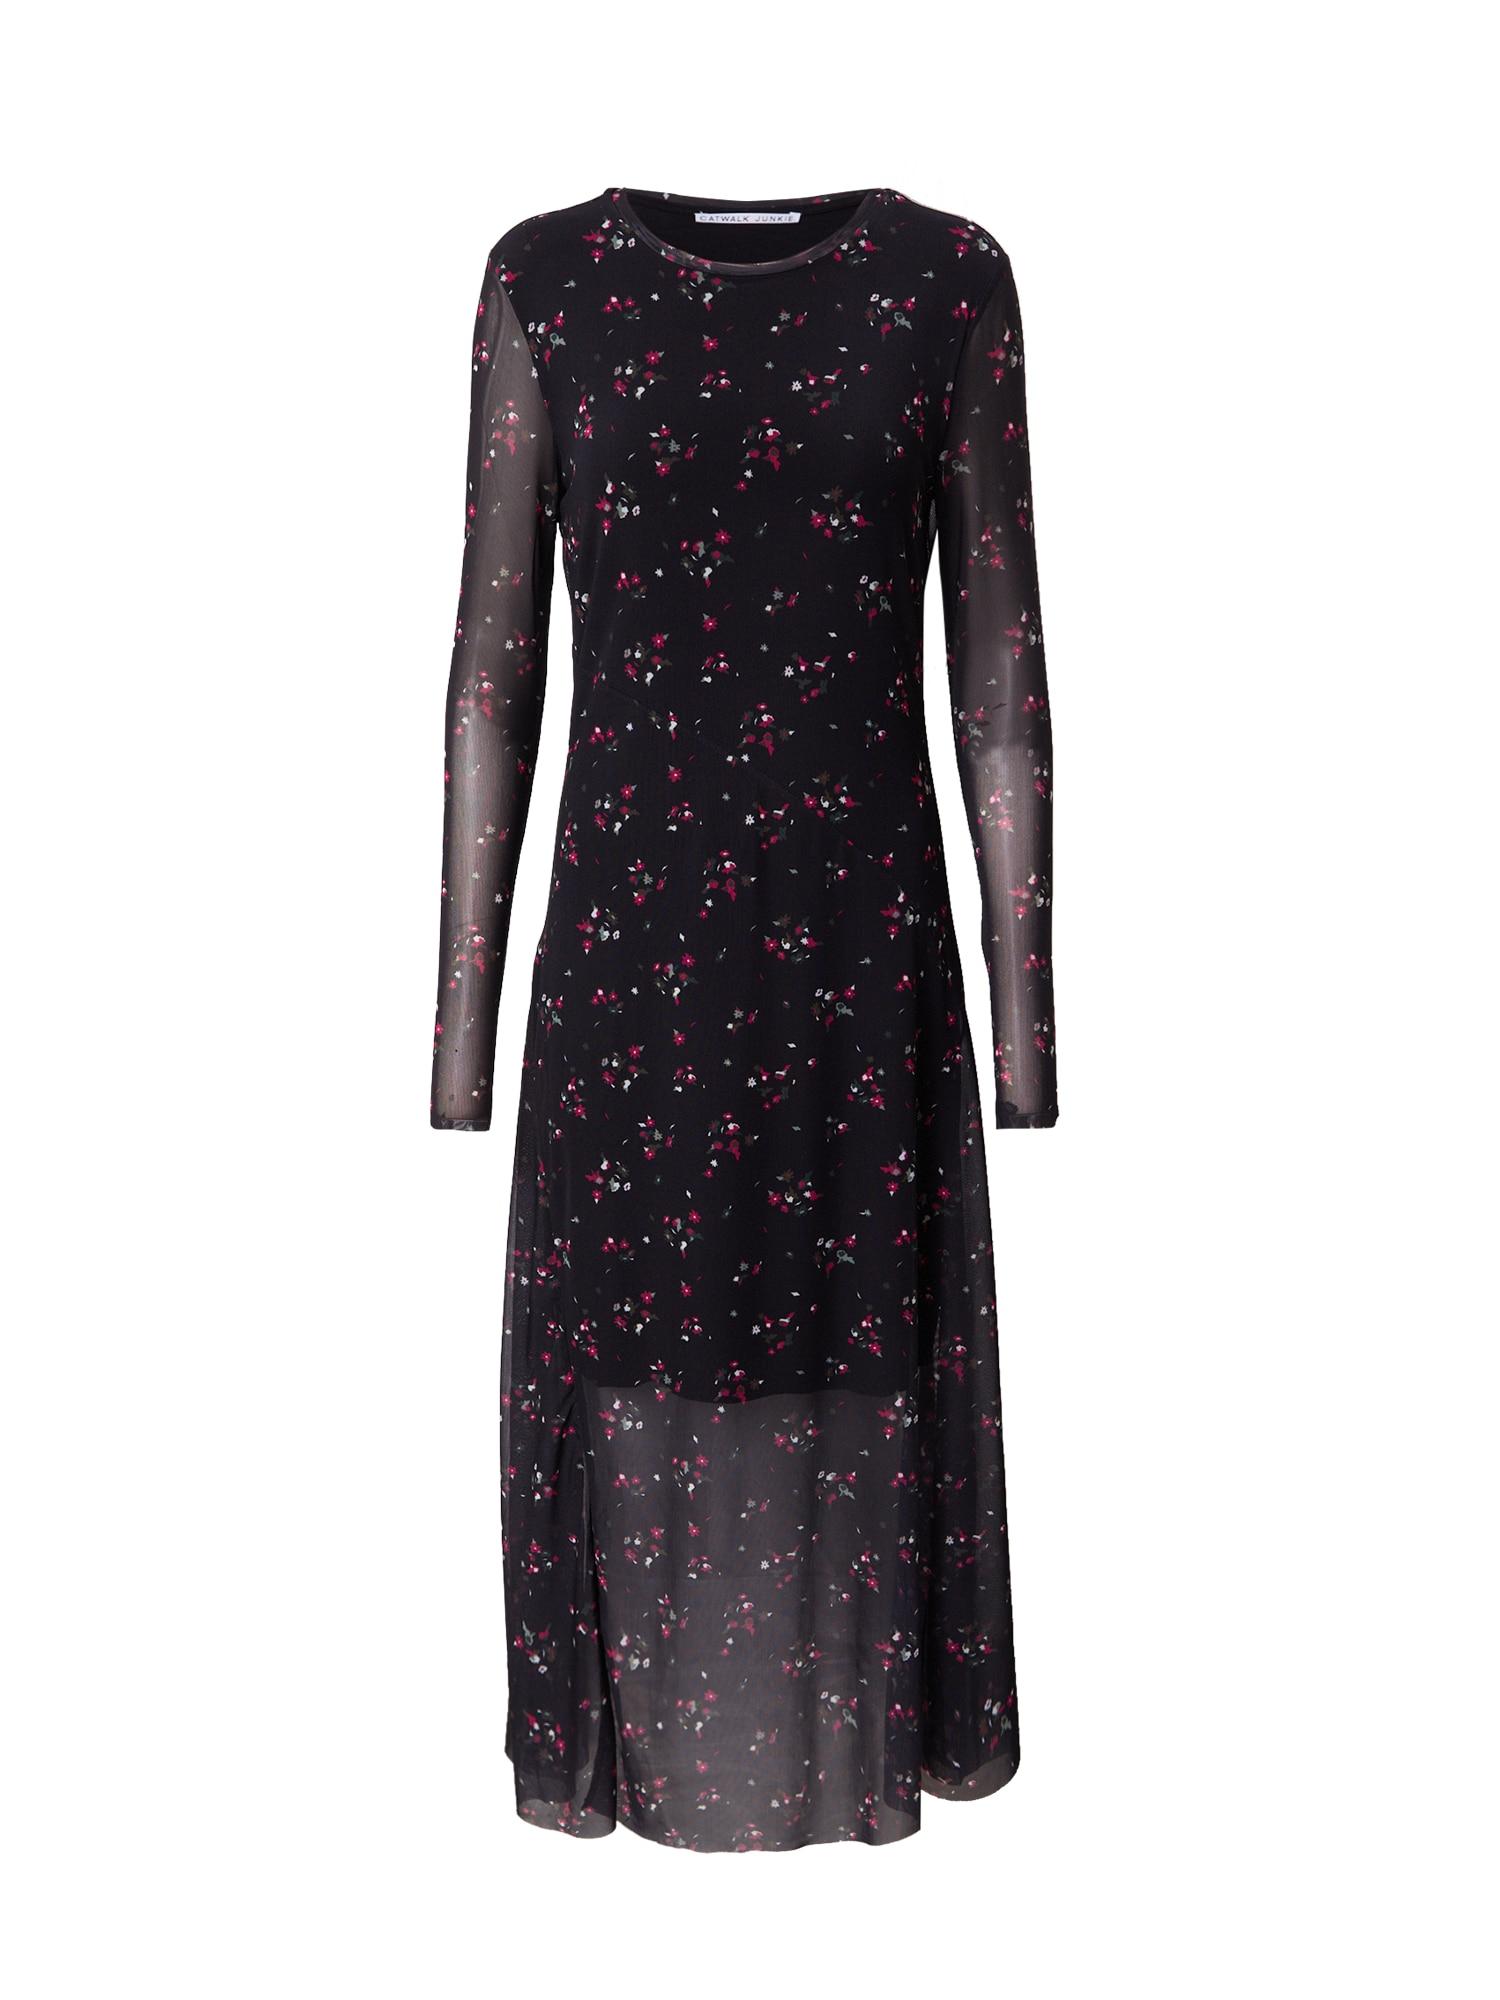 CATWALK JUNKIE Suknelė juoda / tamsiai rožinė / balta / tamsiai žalia